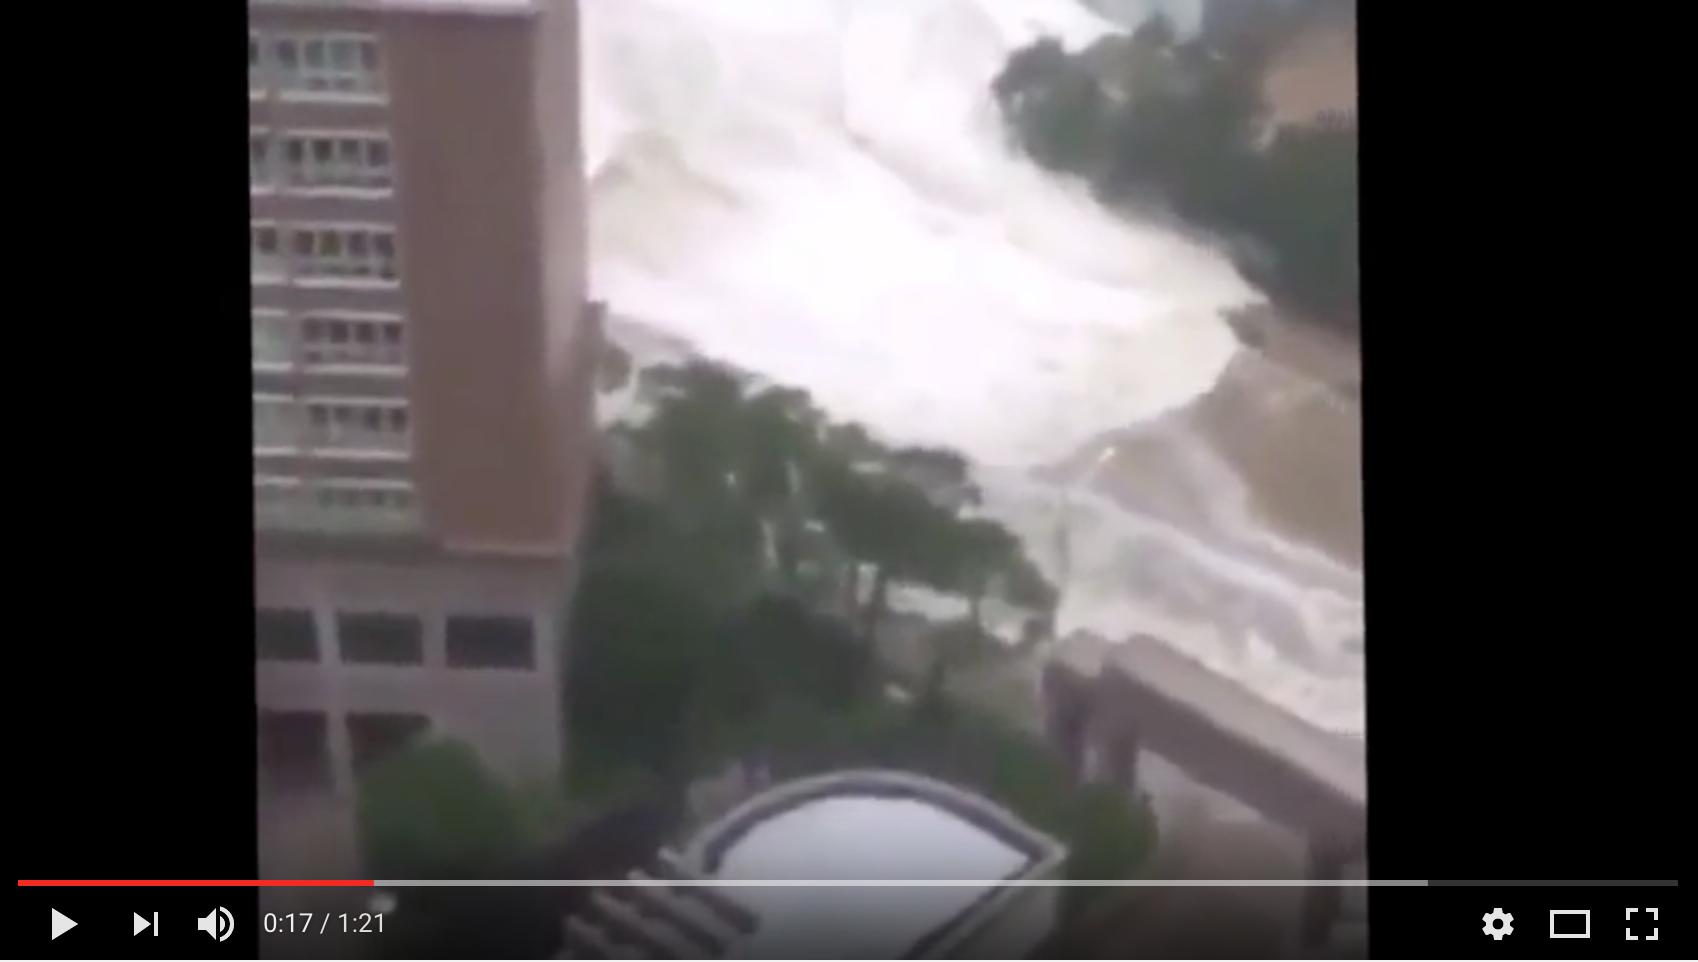 颱風芙蓉吹襲南韓,捲起大浪涌進街道,恍似海嘯。(YouTube截圖)